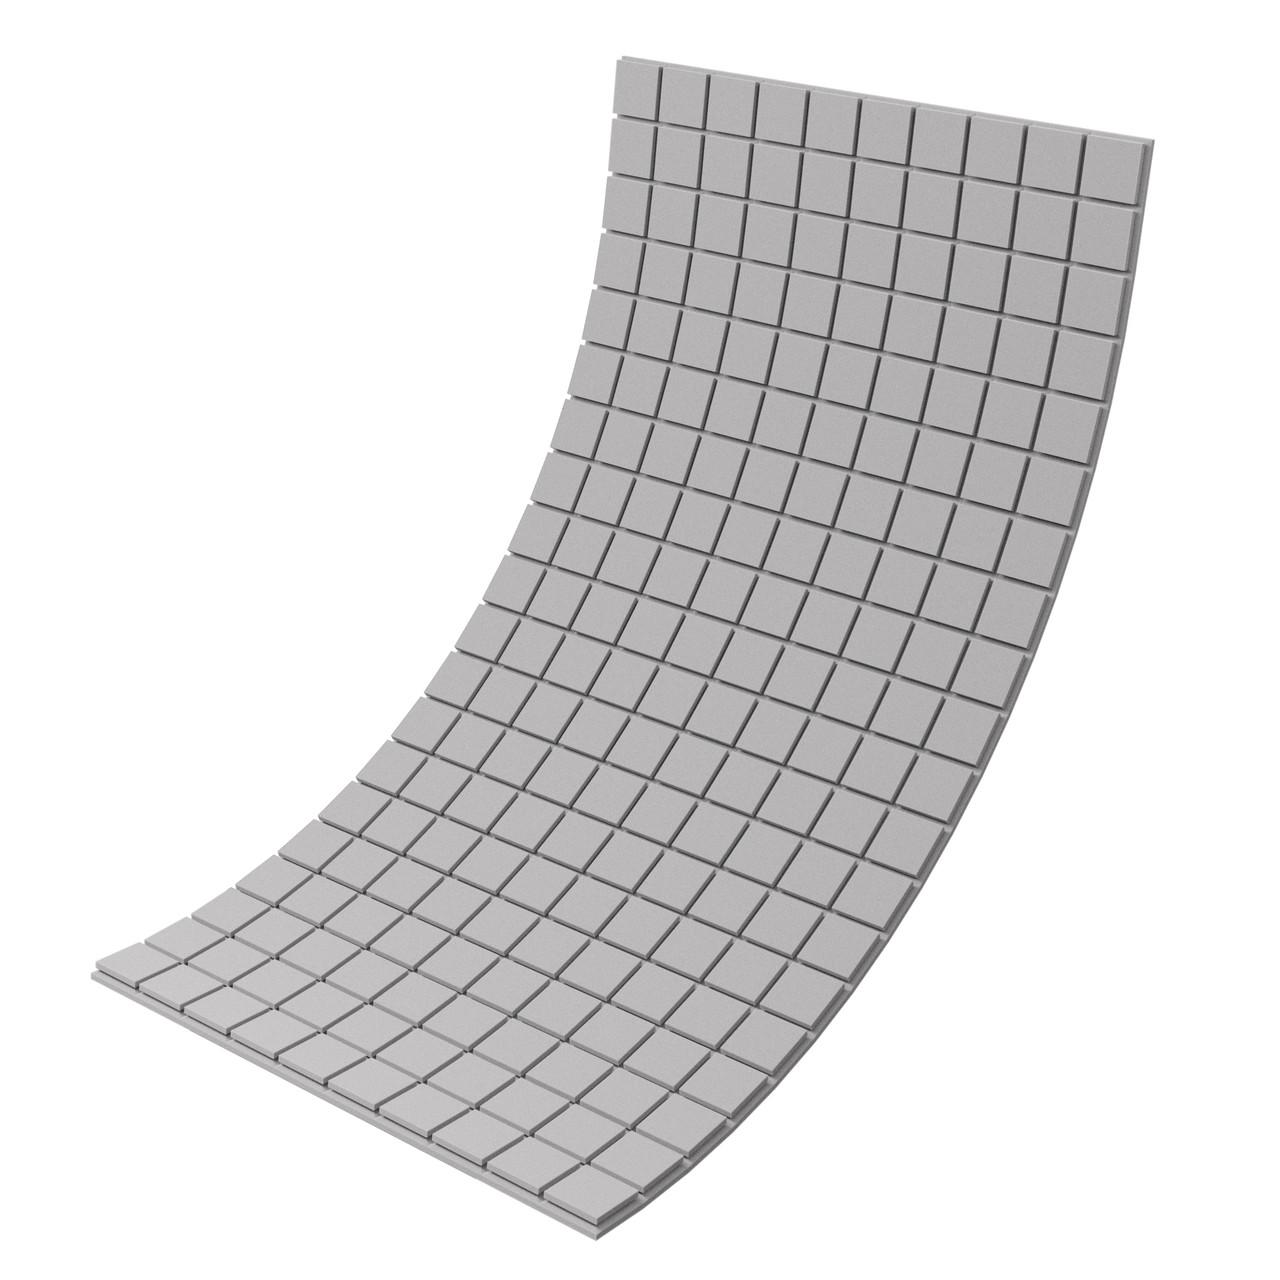 Панель из акустического поролона Ecosound Tetras Gray 100x200 см, 30 мм, серый